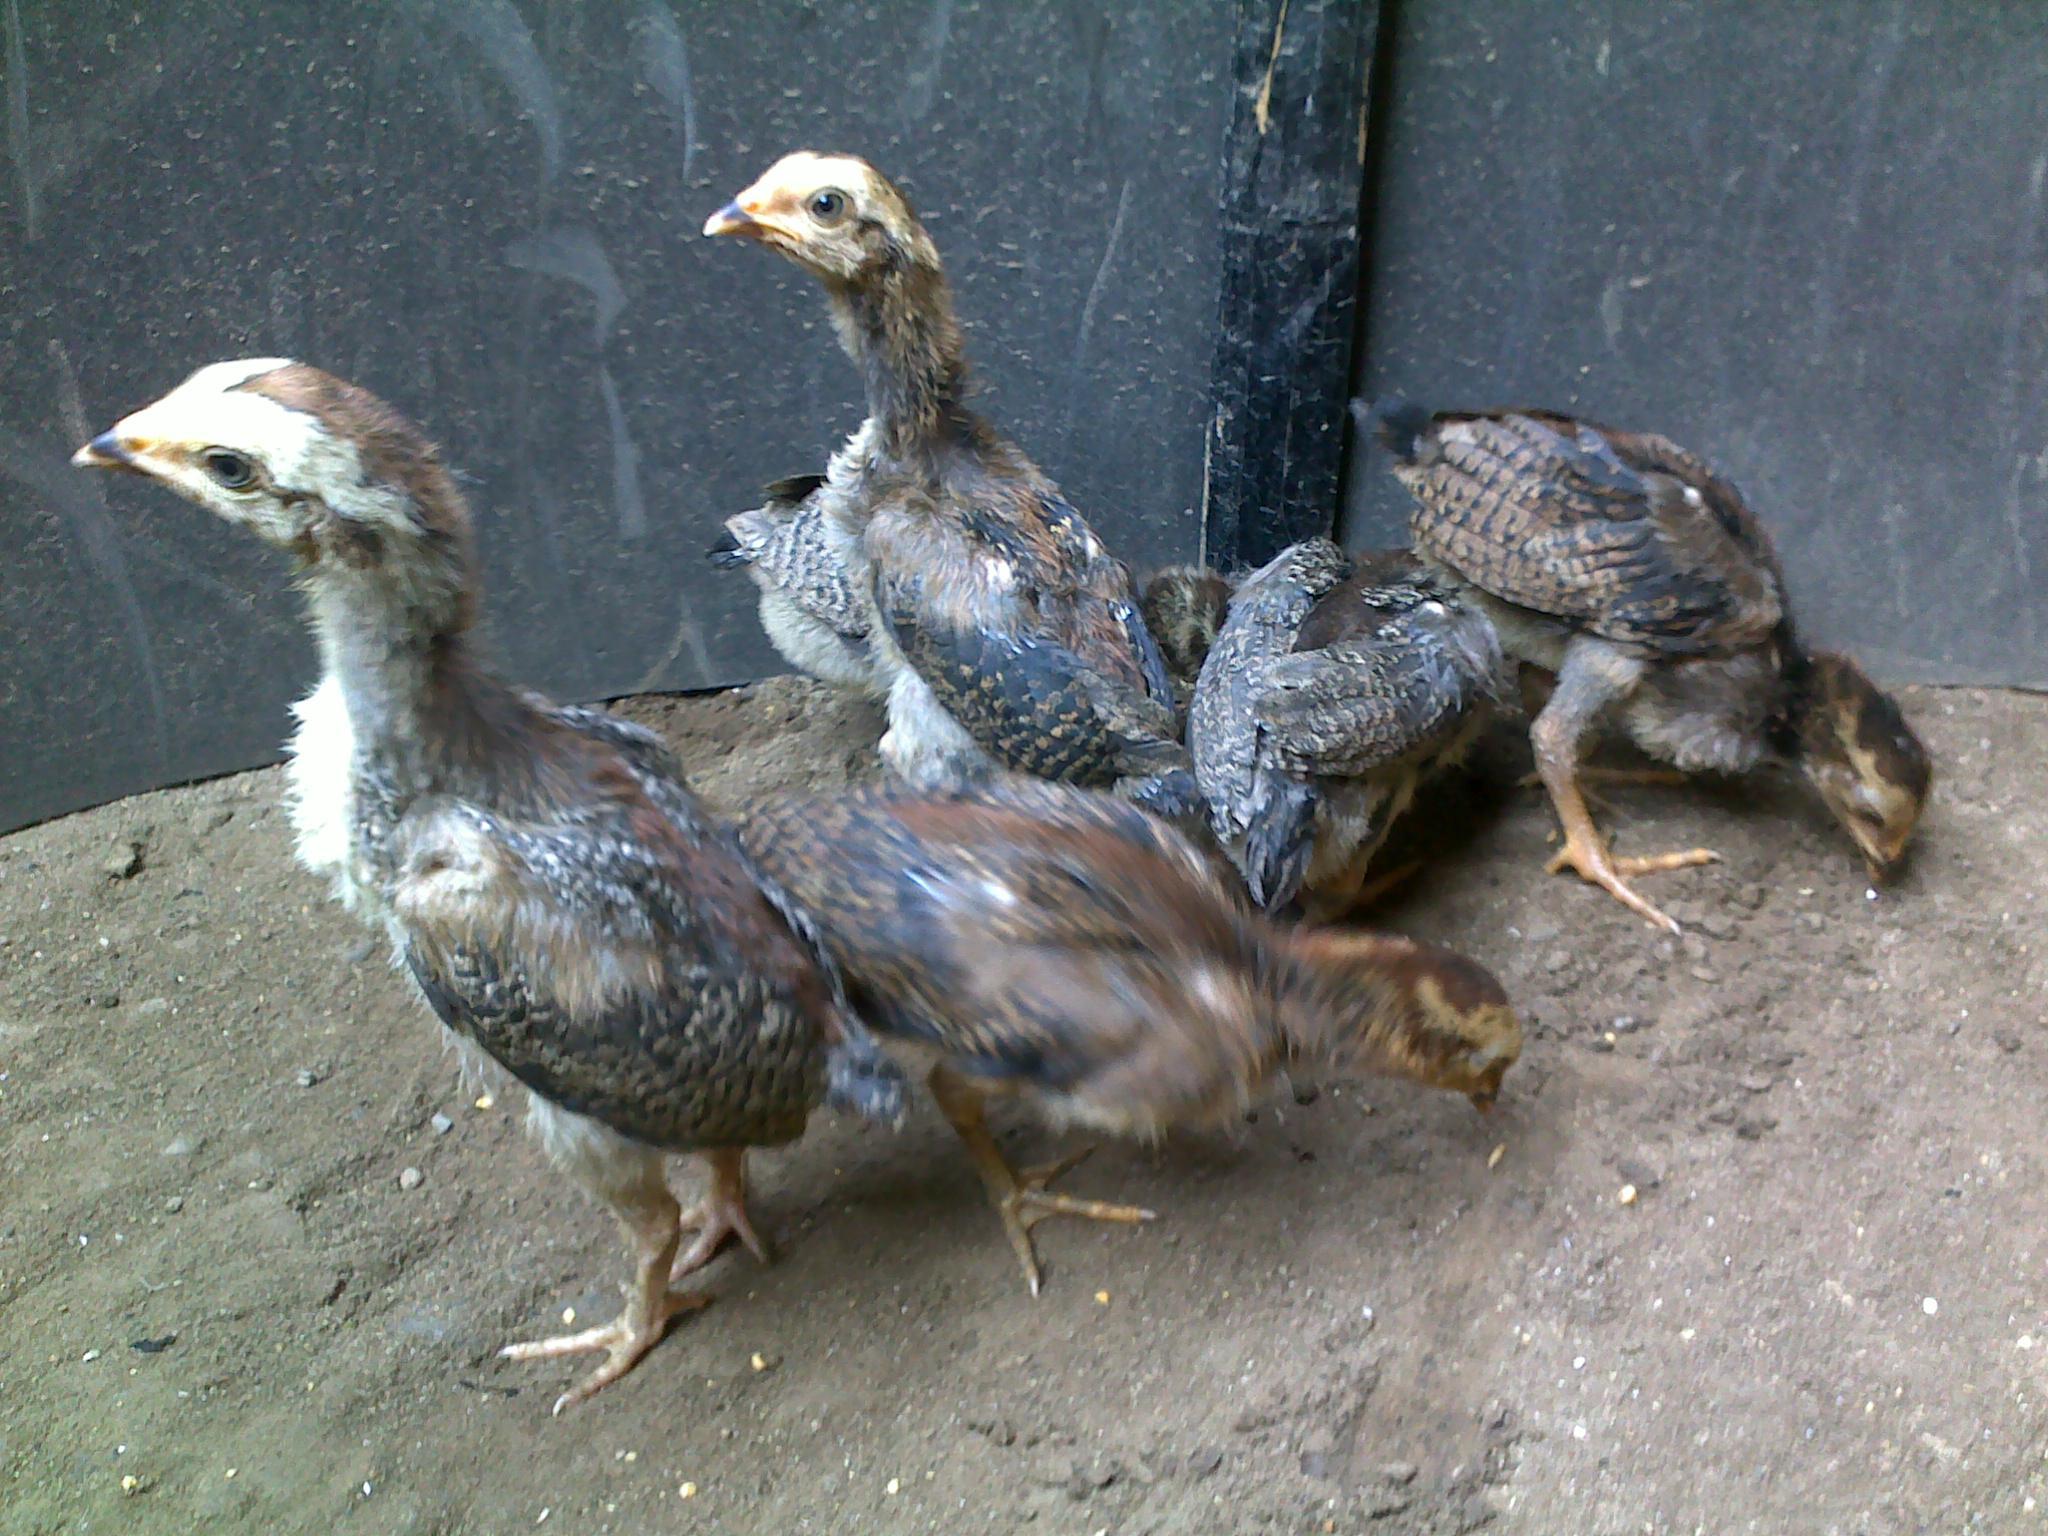 100 Gambar Ayam Umur 1 Bulan Paling Keren